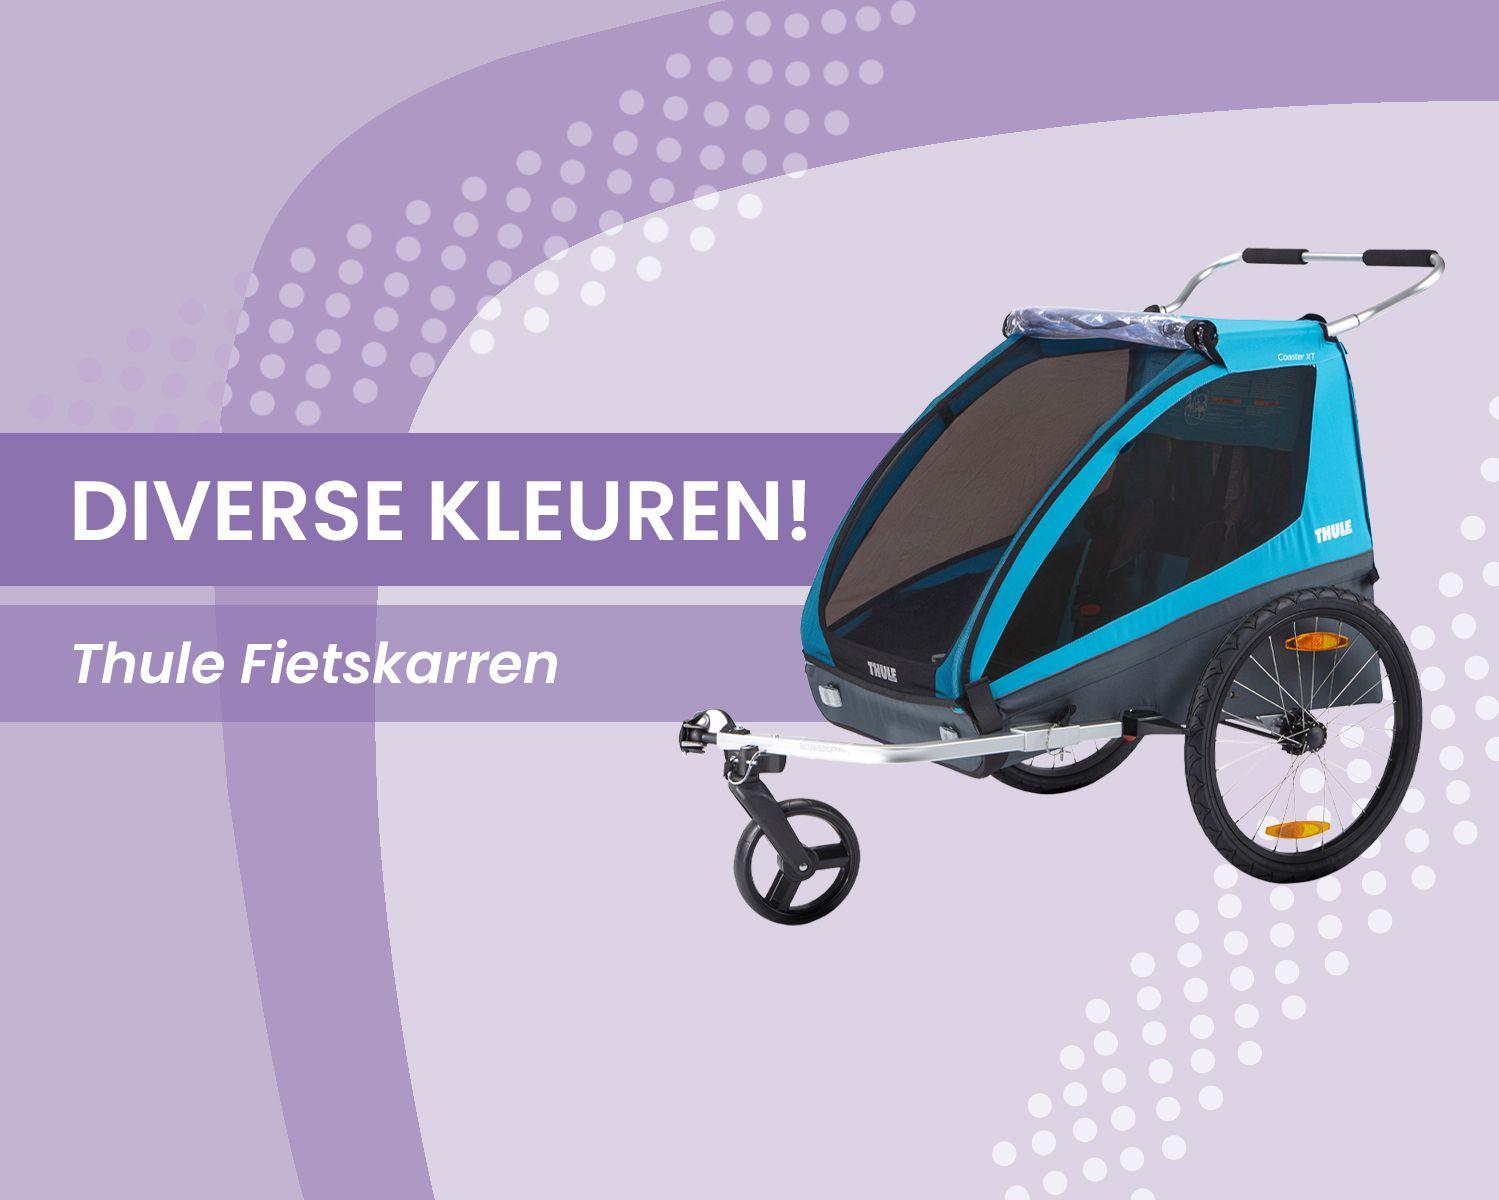 Thule fietskarren | Babyhuys